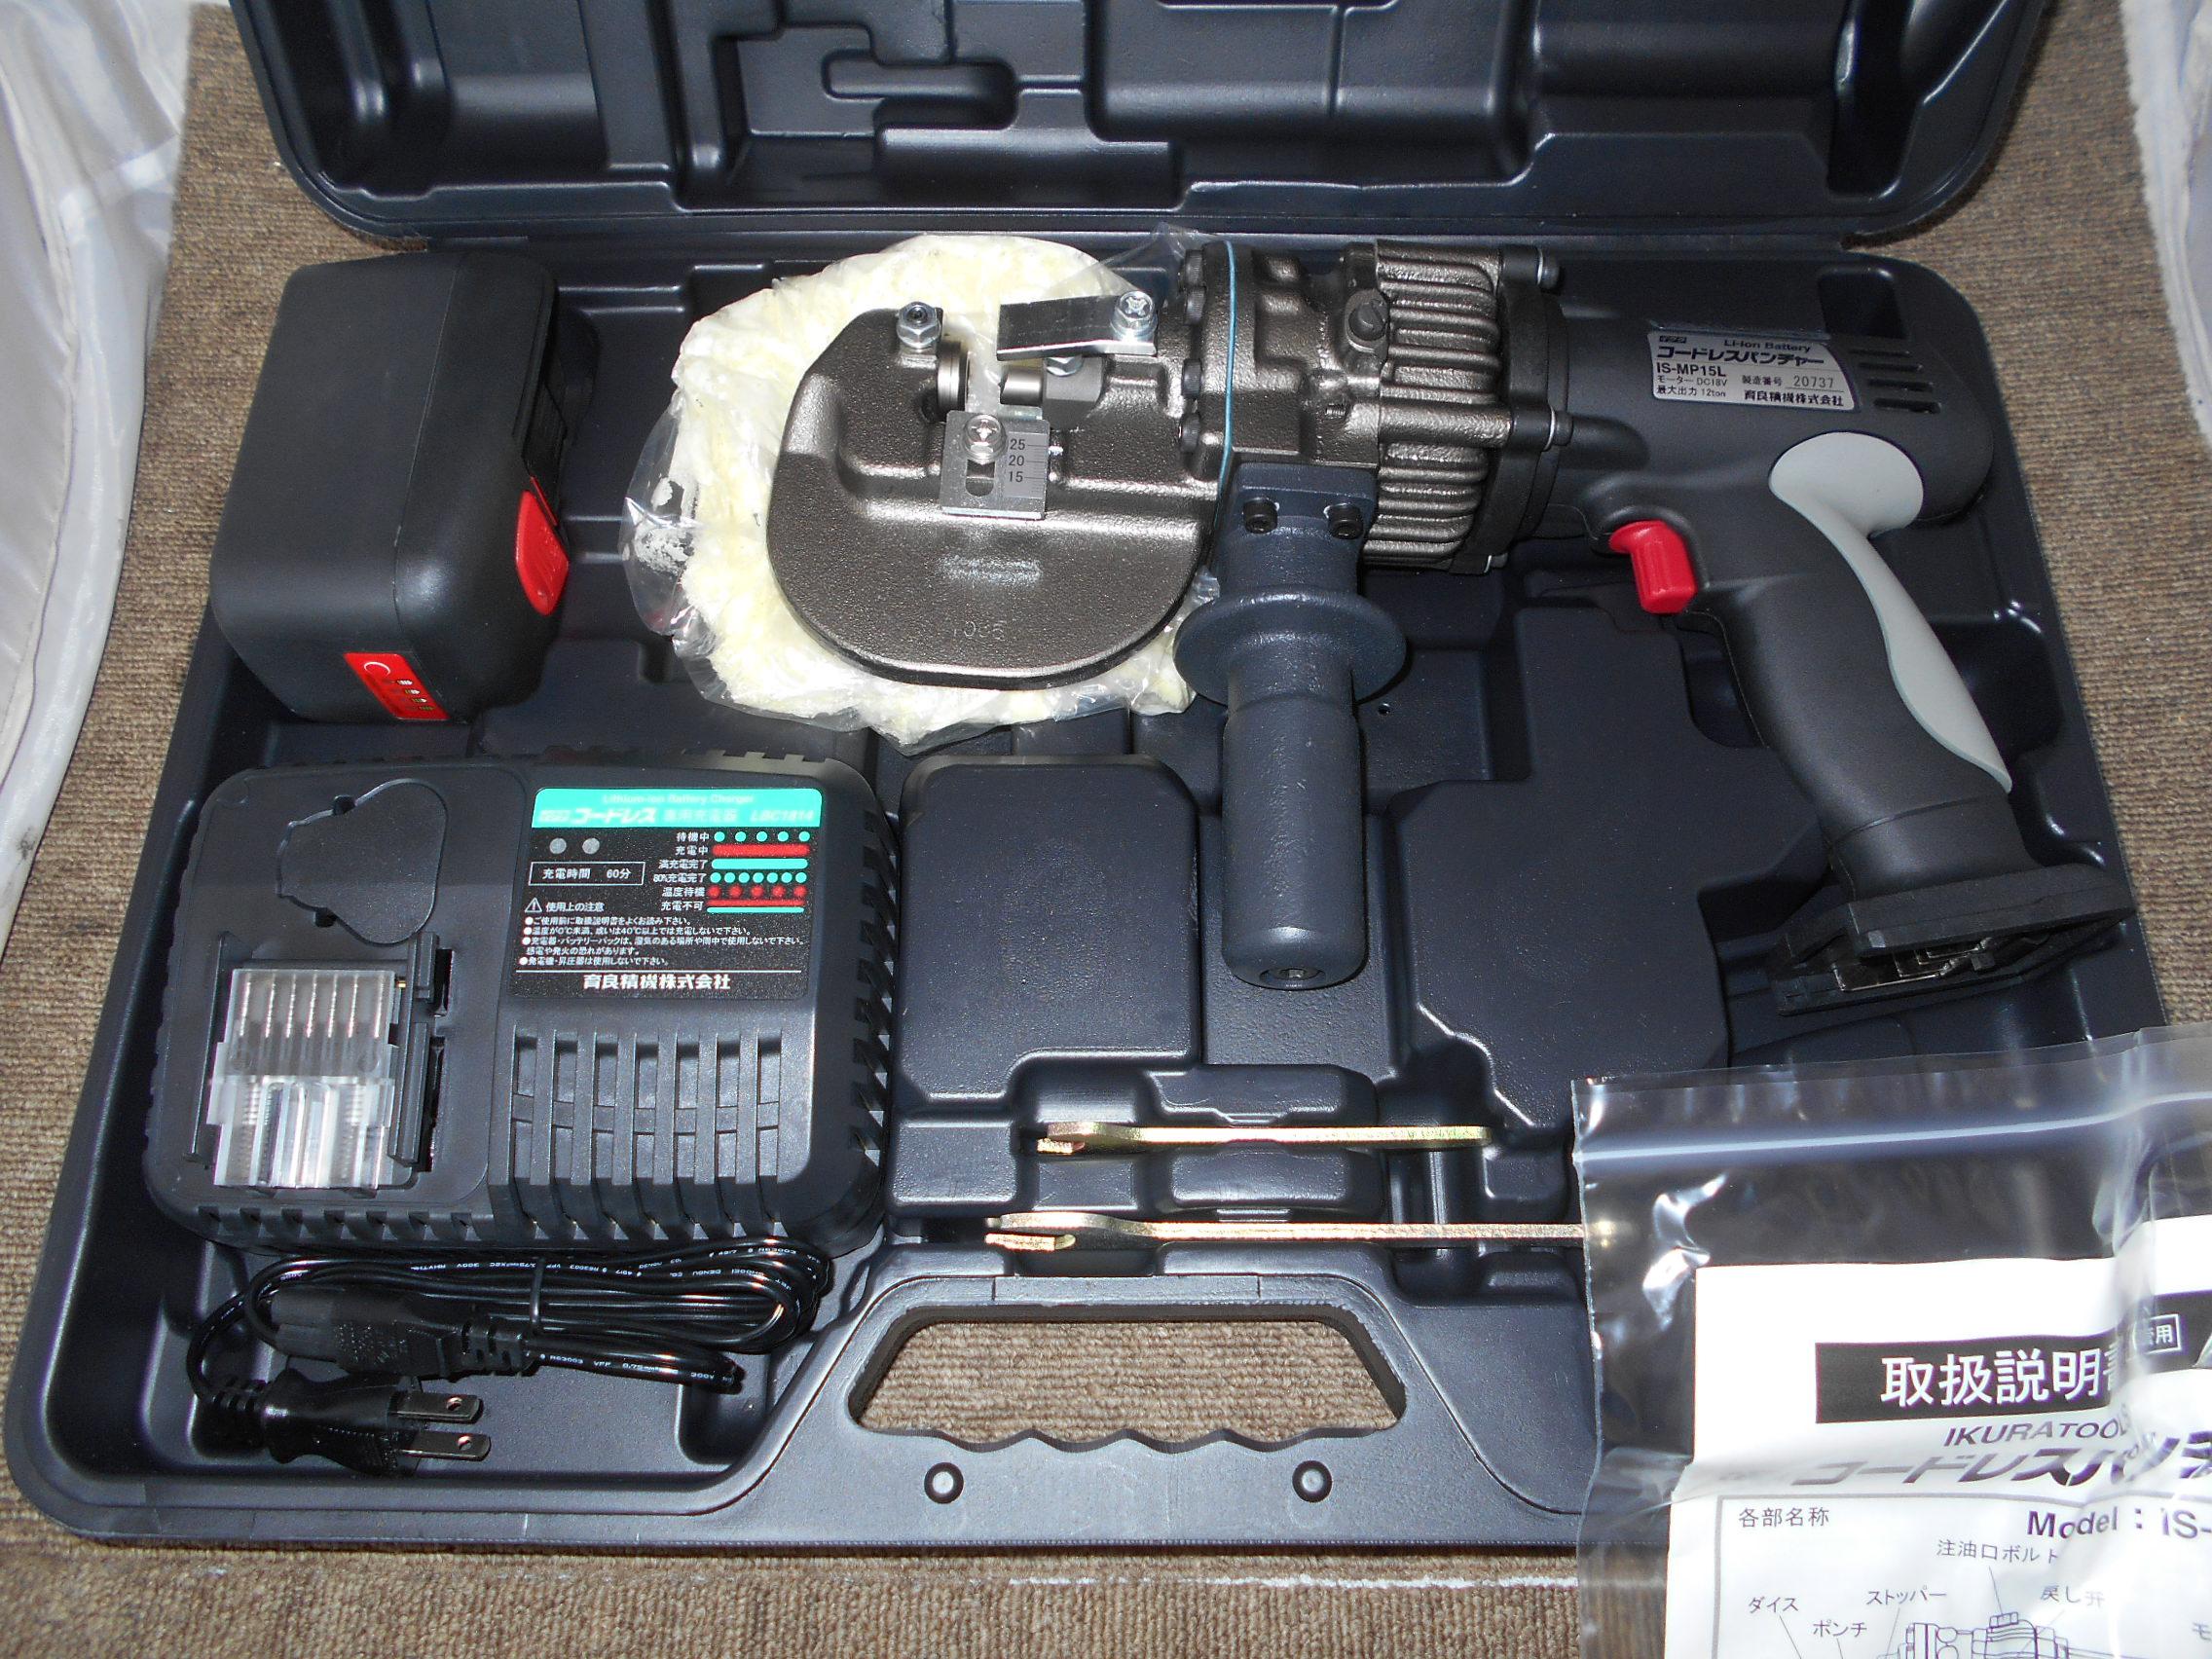 育良 コードレスパンチャー IS-MP15L